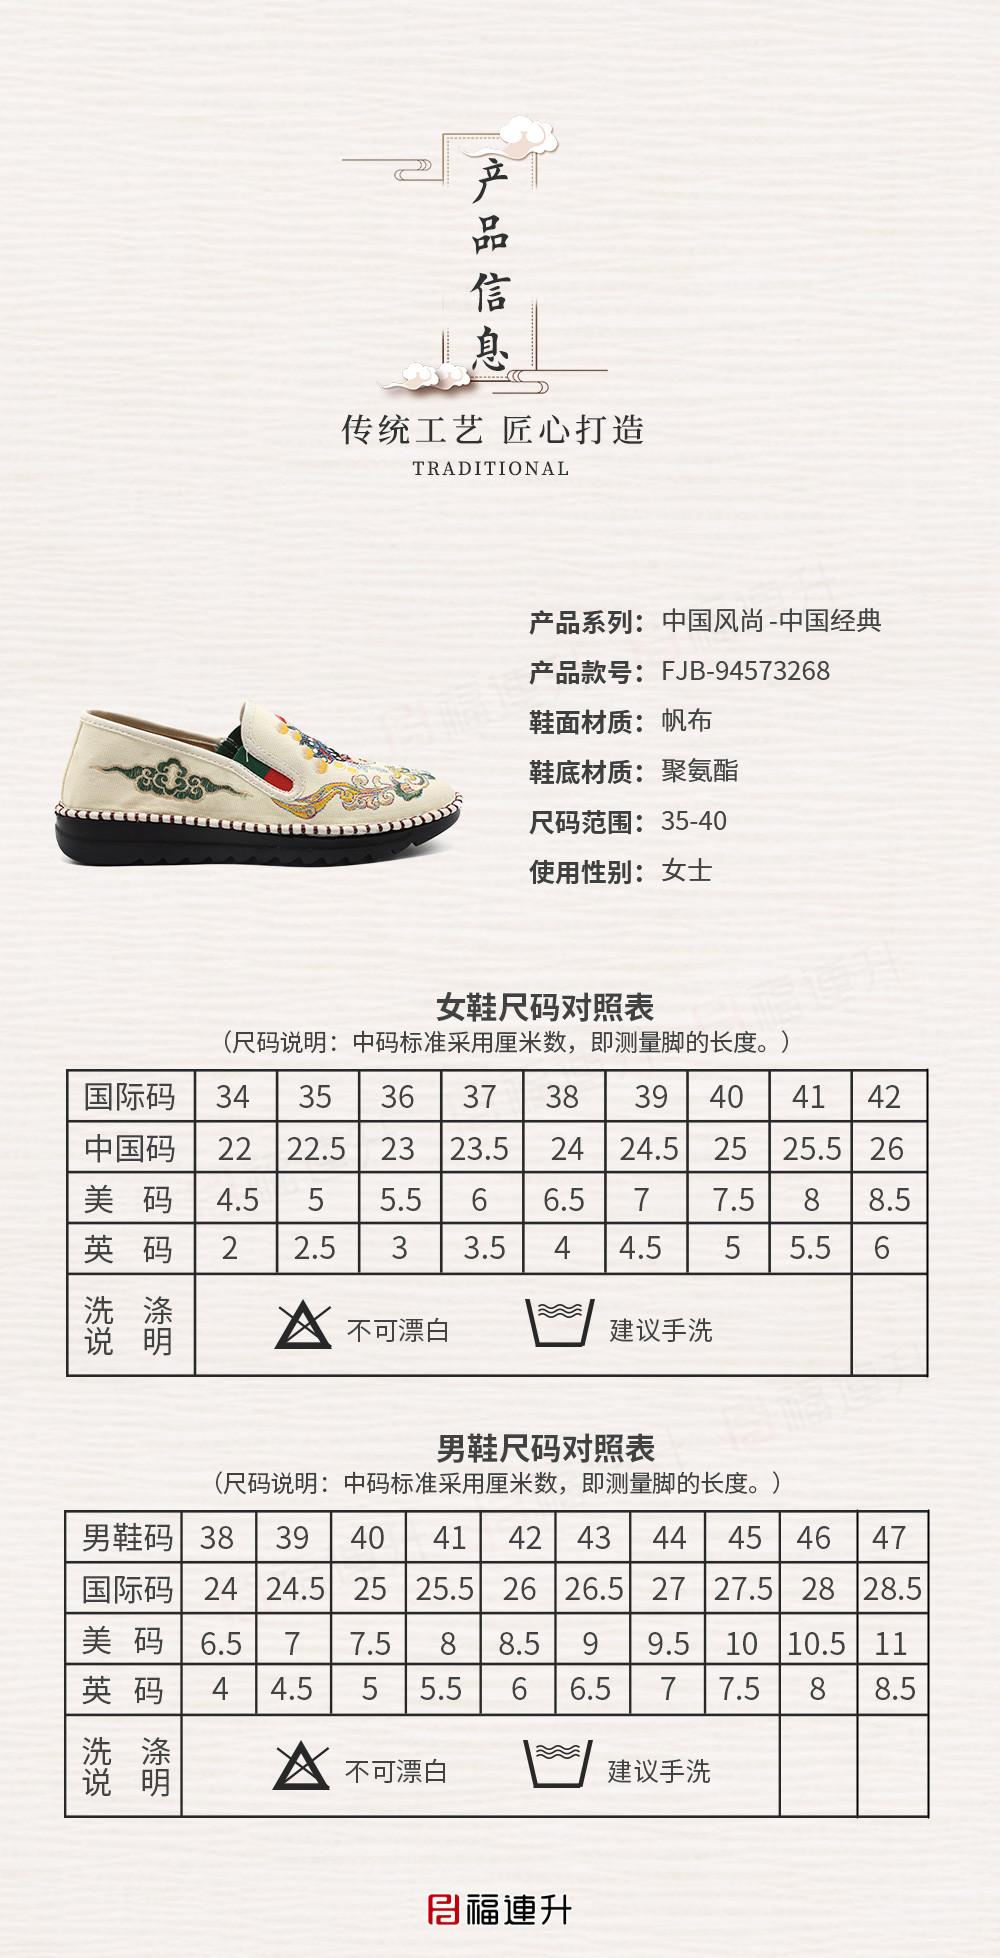 福连升老北京布鞋平底套脚绣花国风女鞋脸谱社会鞋图片